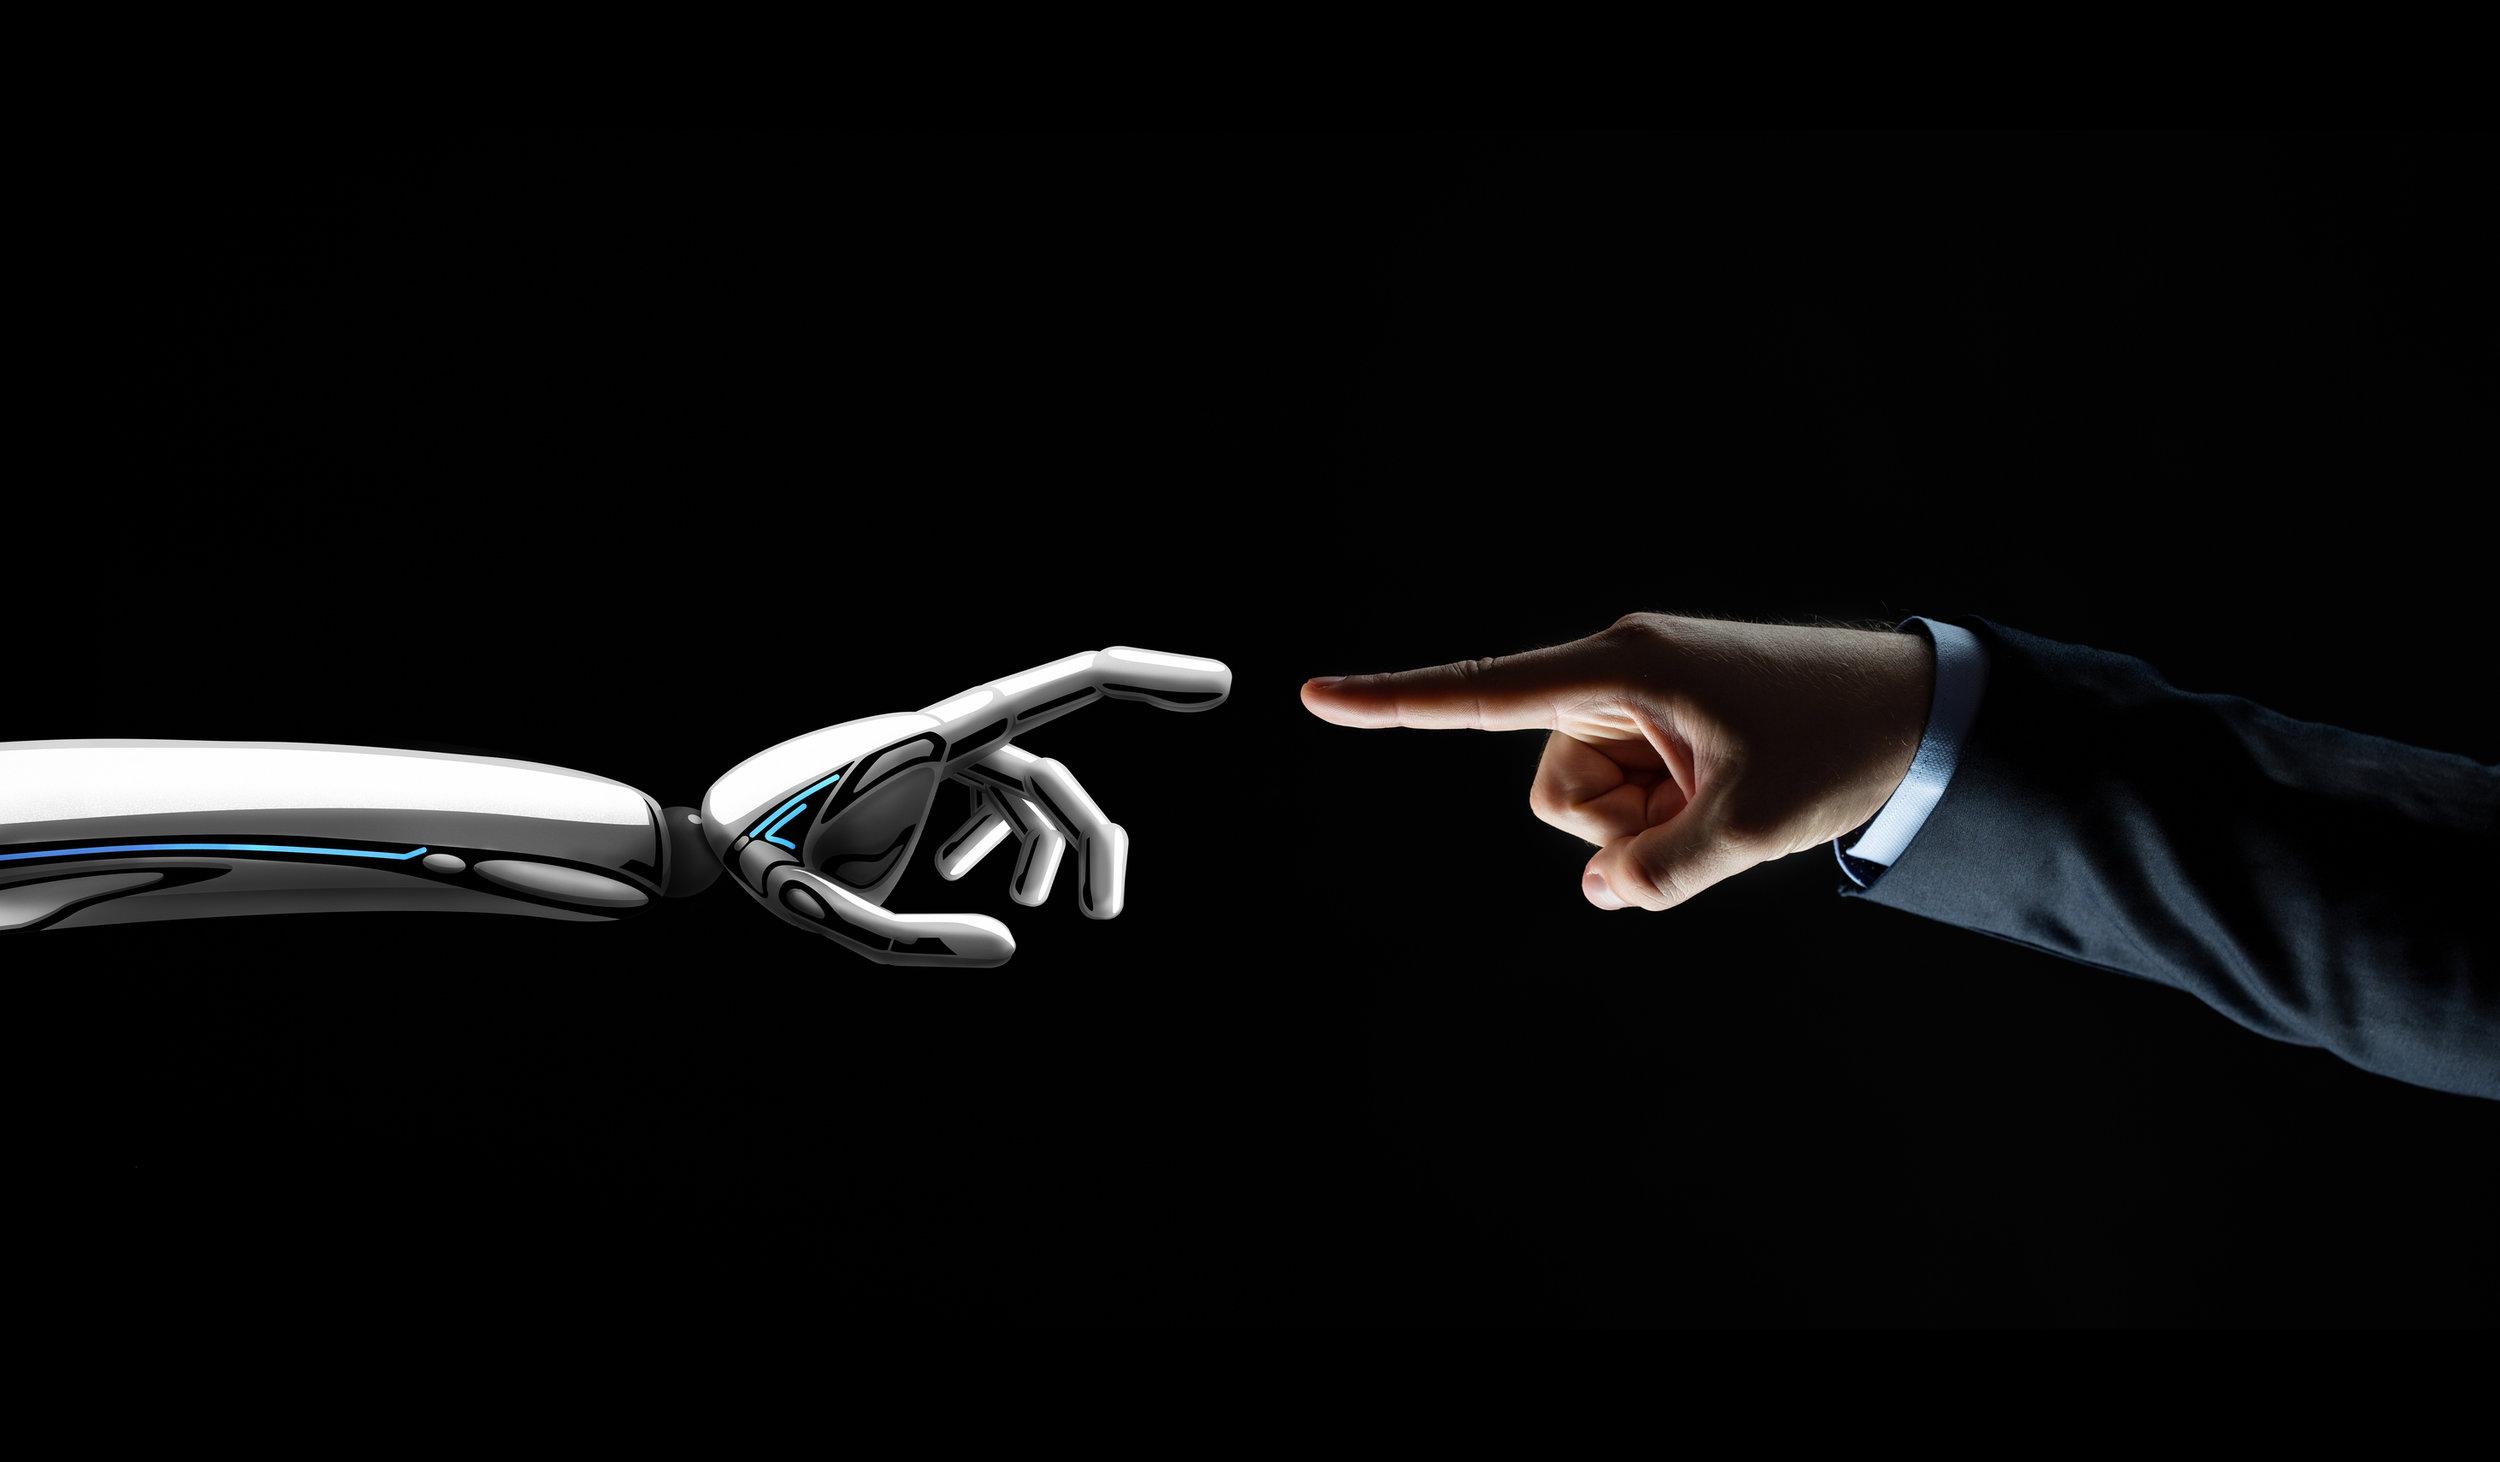 Human Hand Robot Hand.jpg